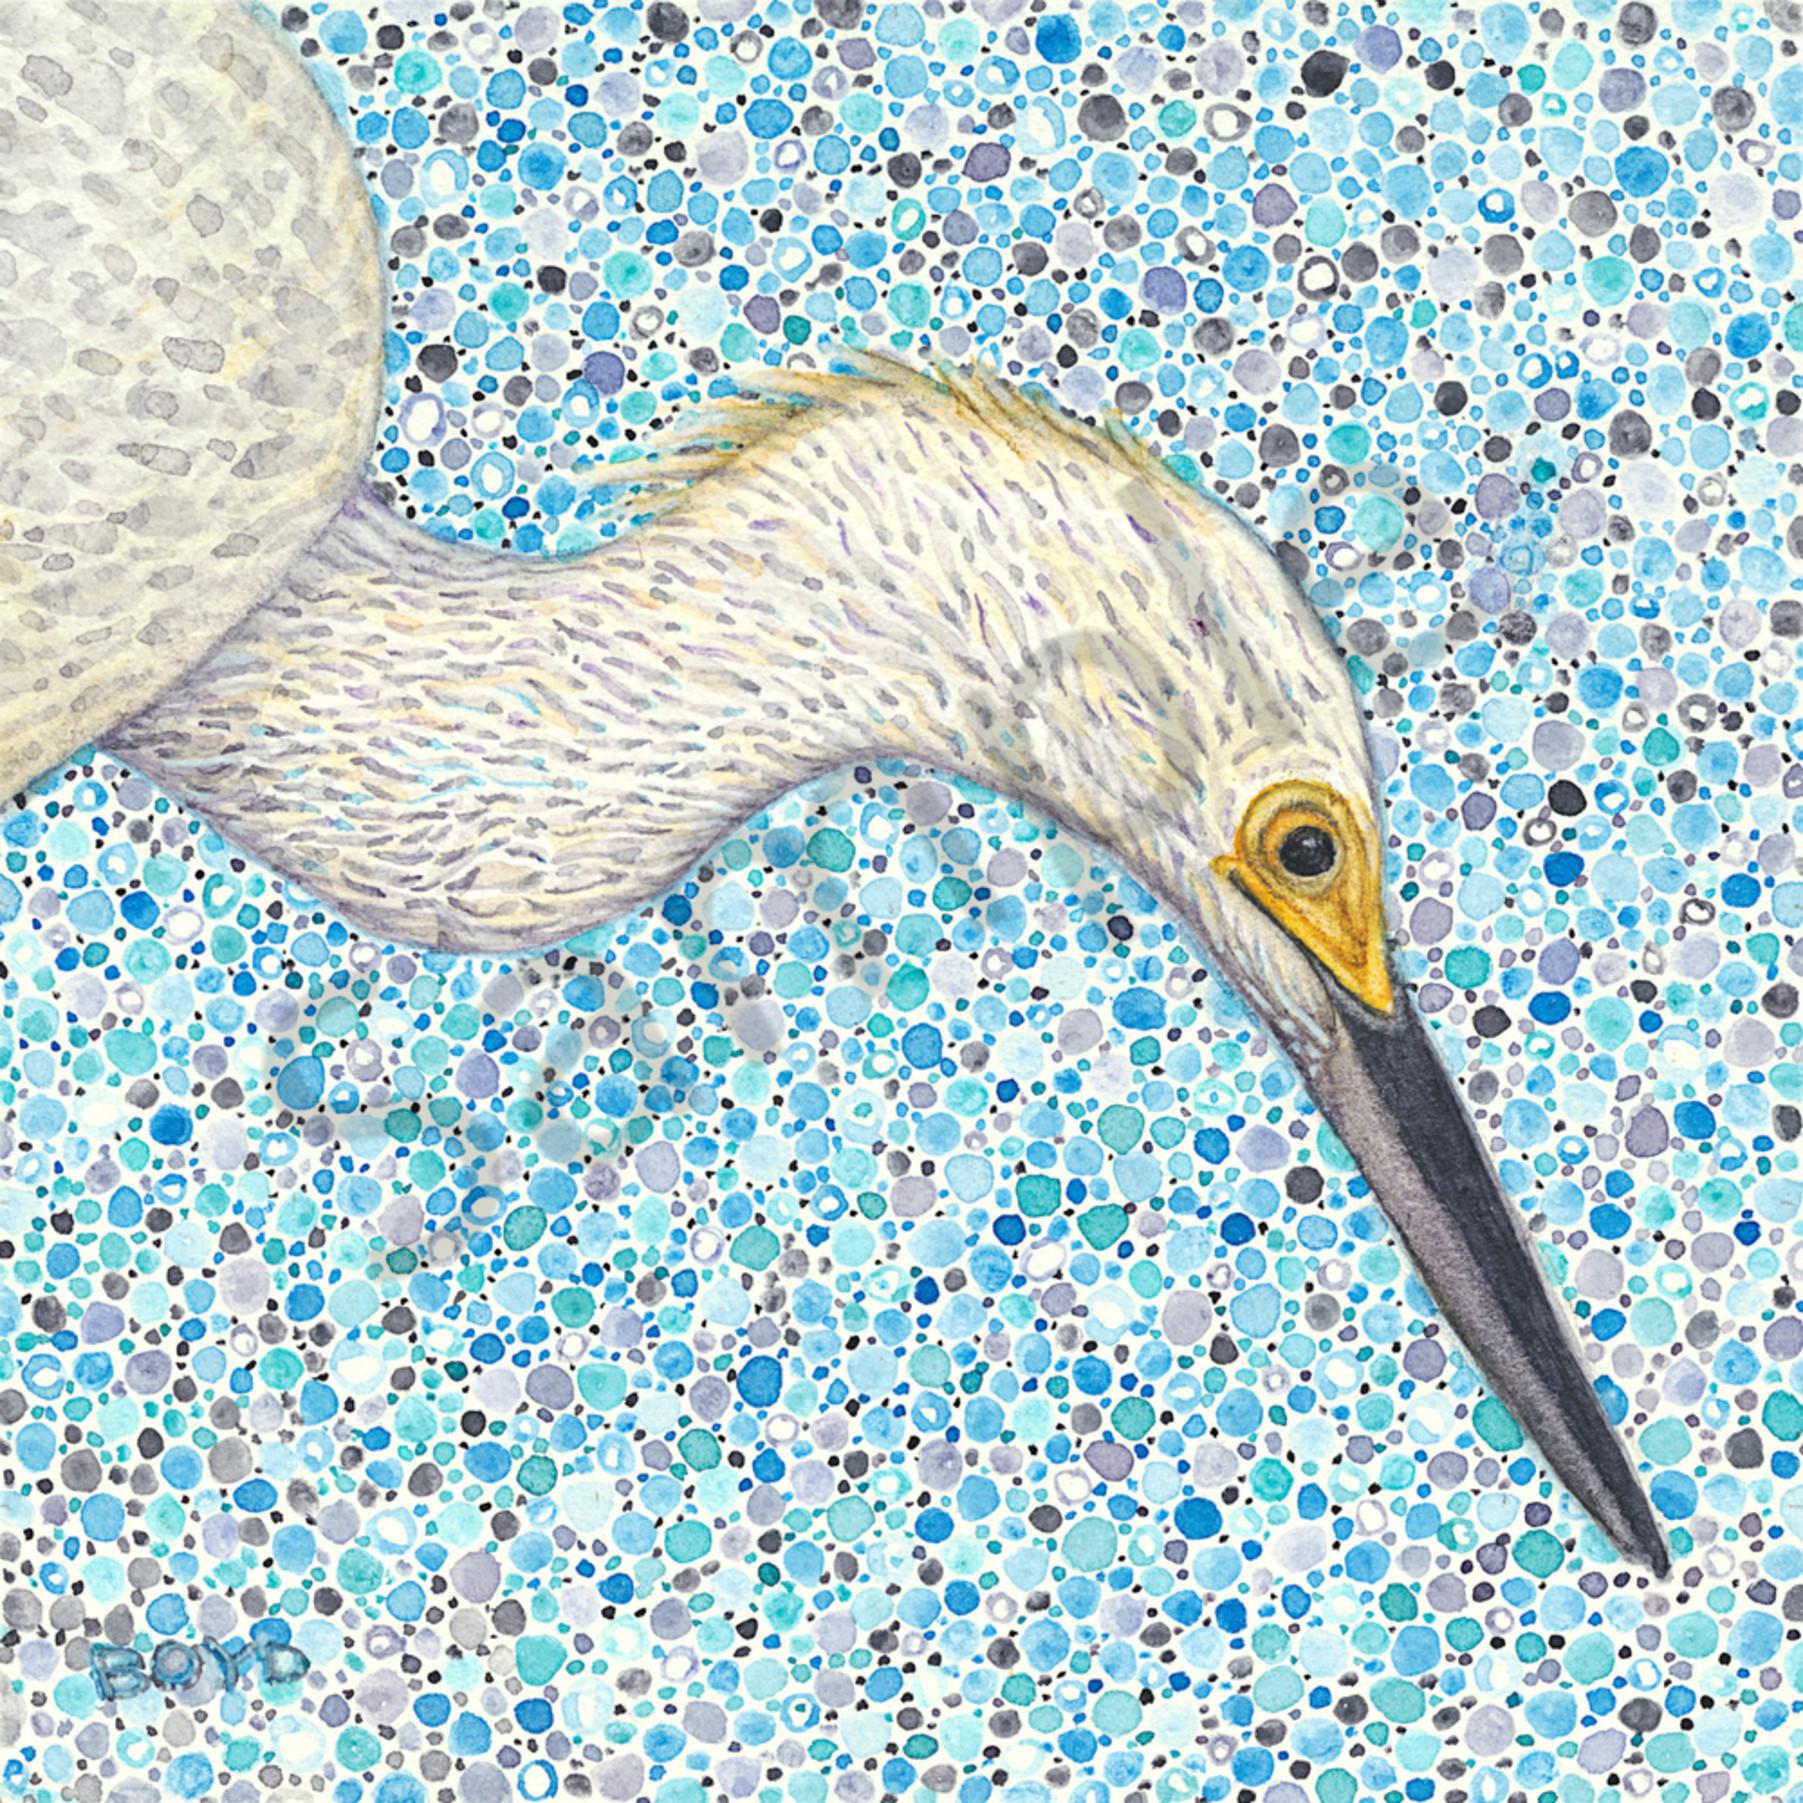 Snowy egret rxkf21